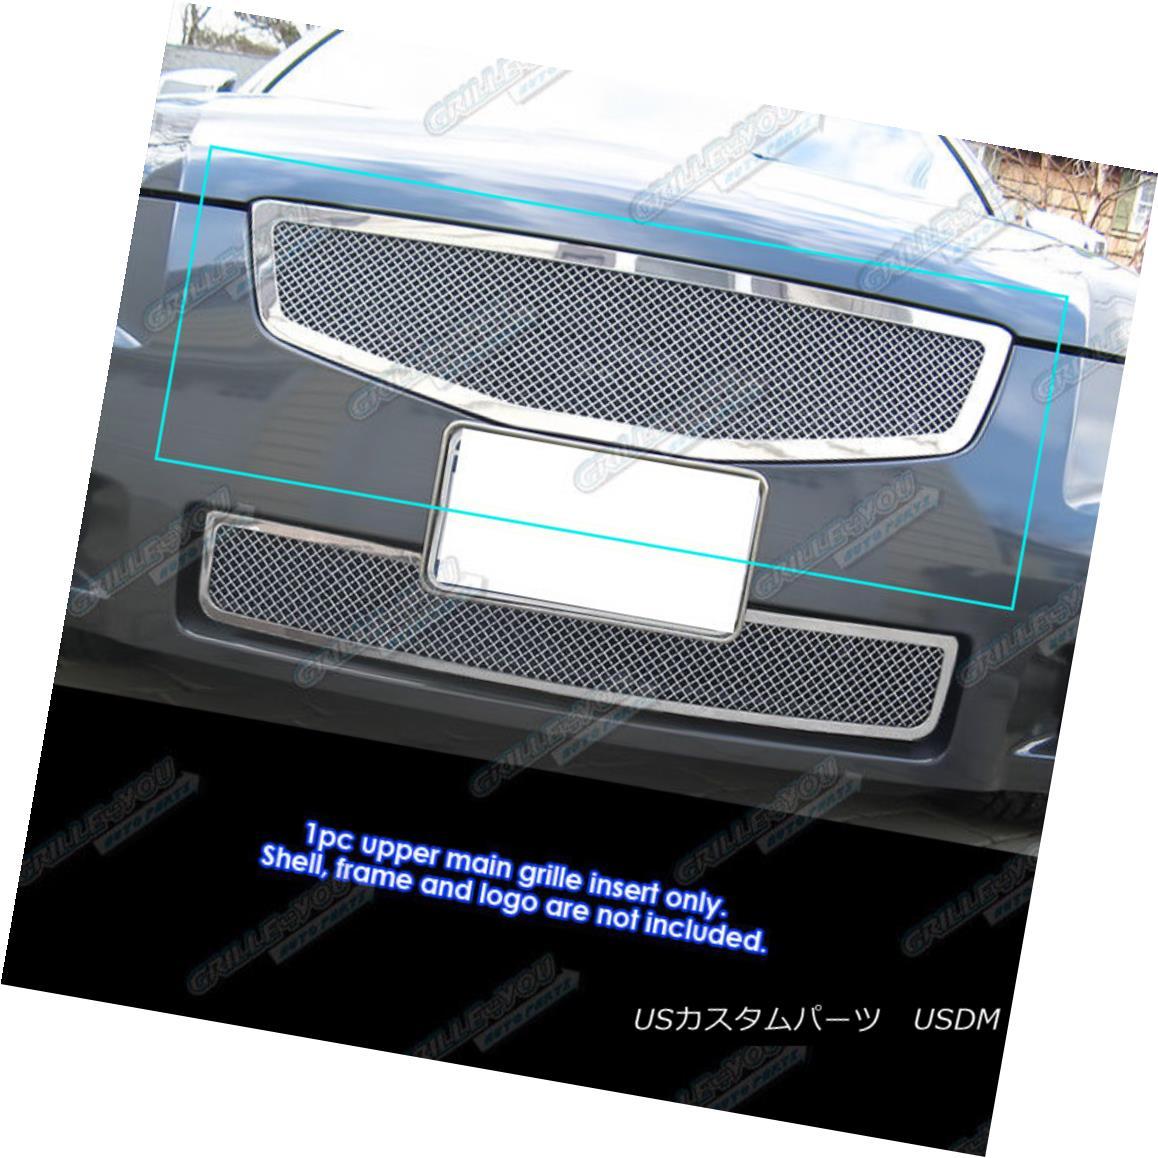 グリル Fits 07-08 Nissan Maxima Stainless Steel Mesh Grille Insert フィット07-08日産マキシマステンレスメッシュグリルインサート